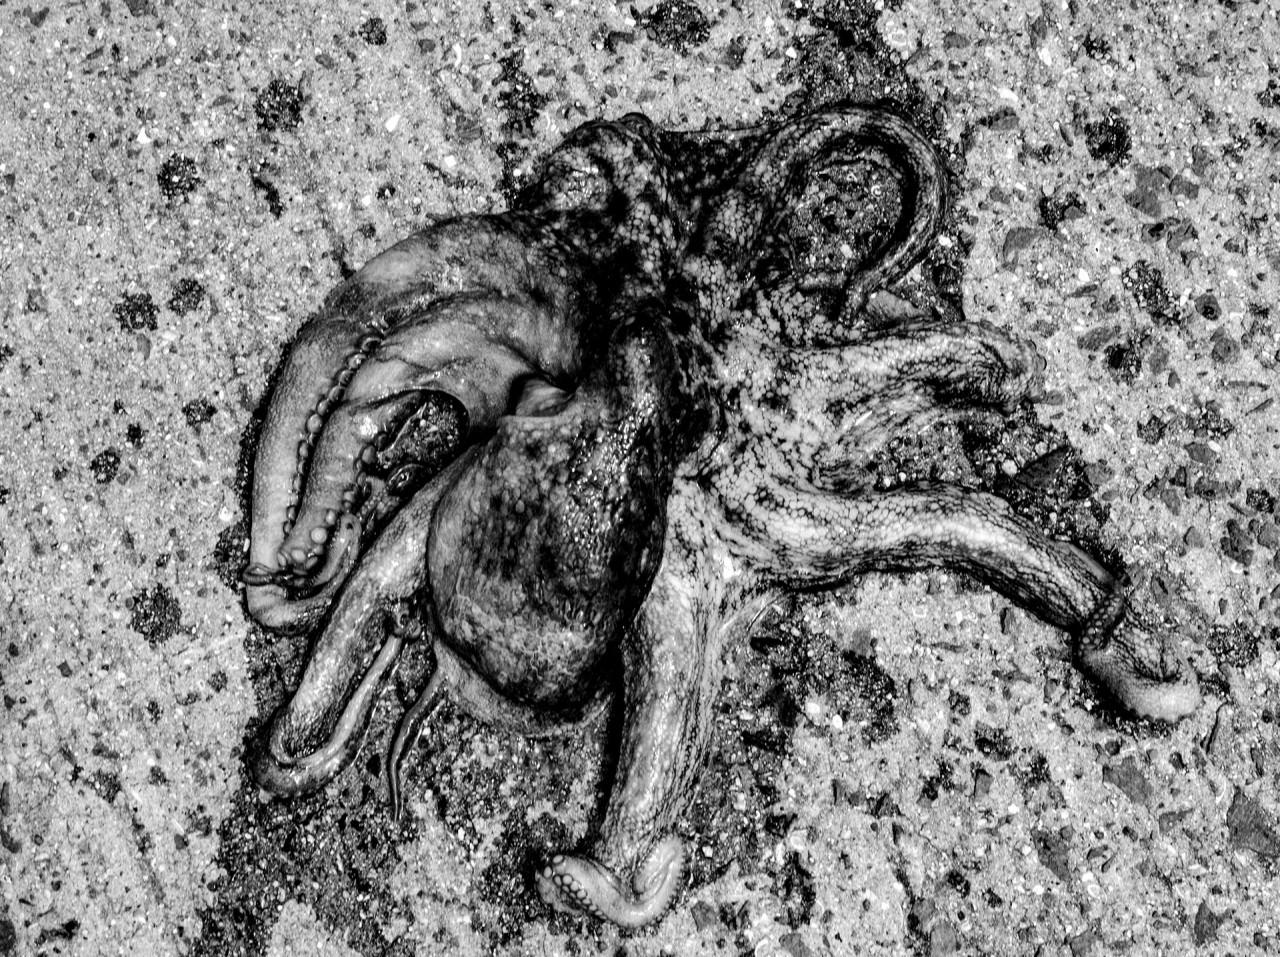 Тыл якудза в фотопроекте «Я отдаю тебе свою жизнь». Автор Хлоя Жафе (12)